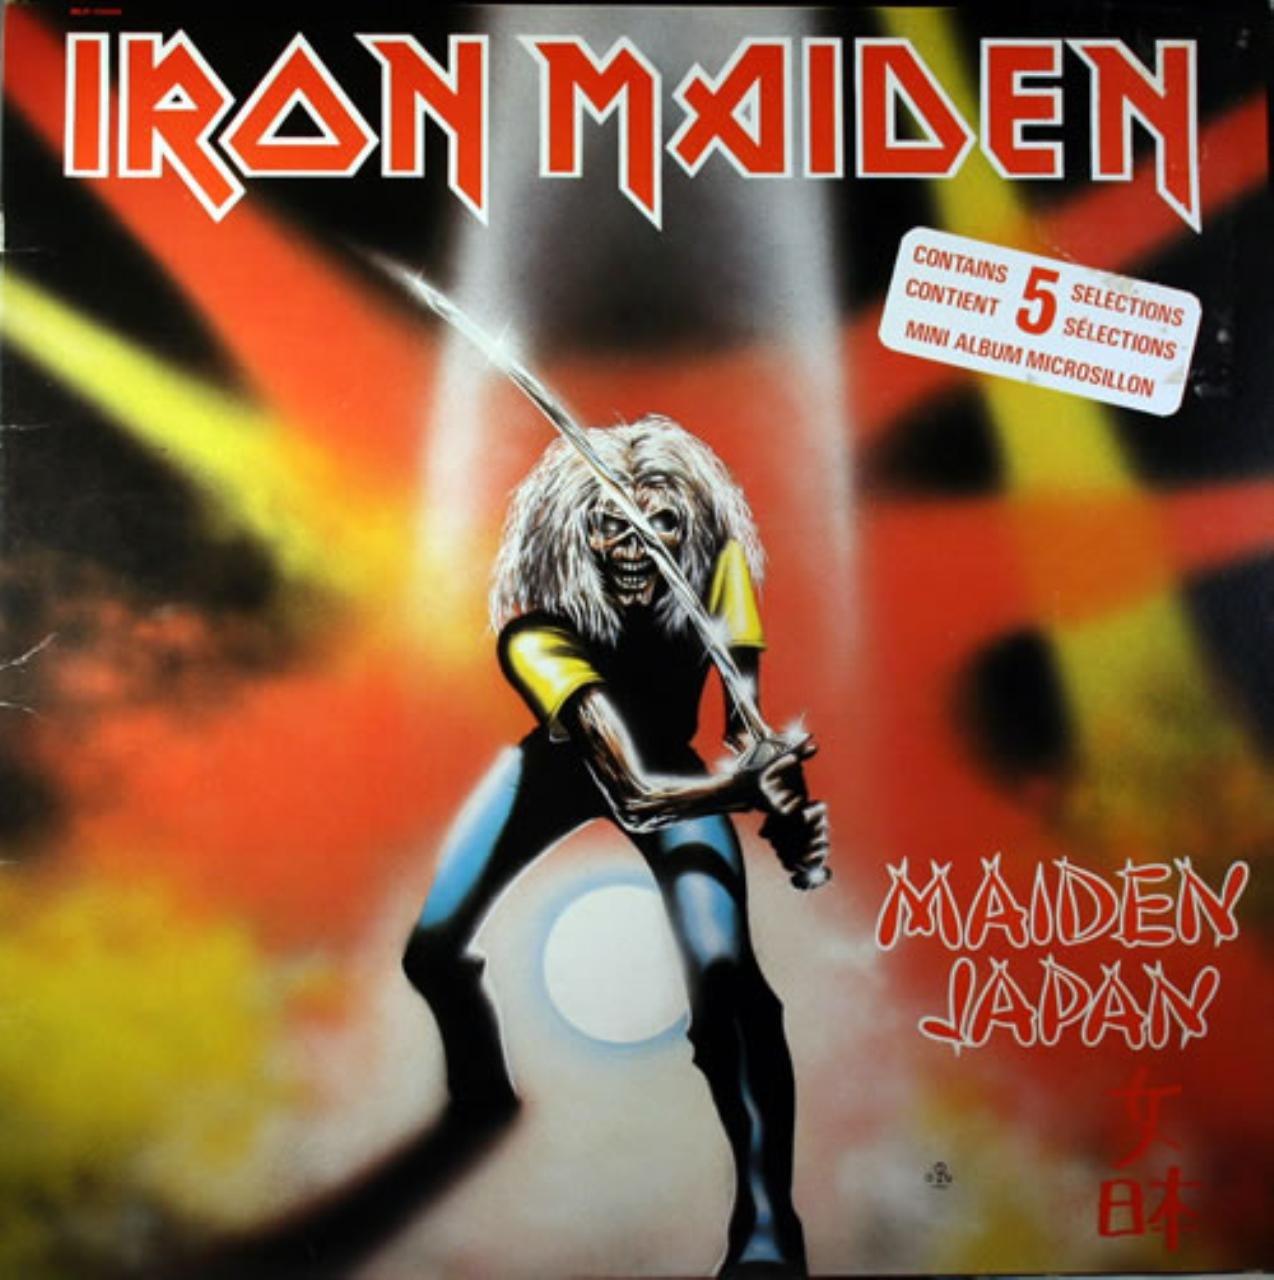 Fear of the dark. El hilo semanal de Iron Maiden - Página 2 71gg6o2-J4L._SL1280_